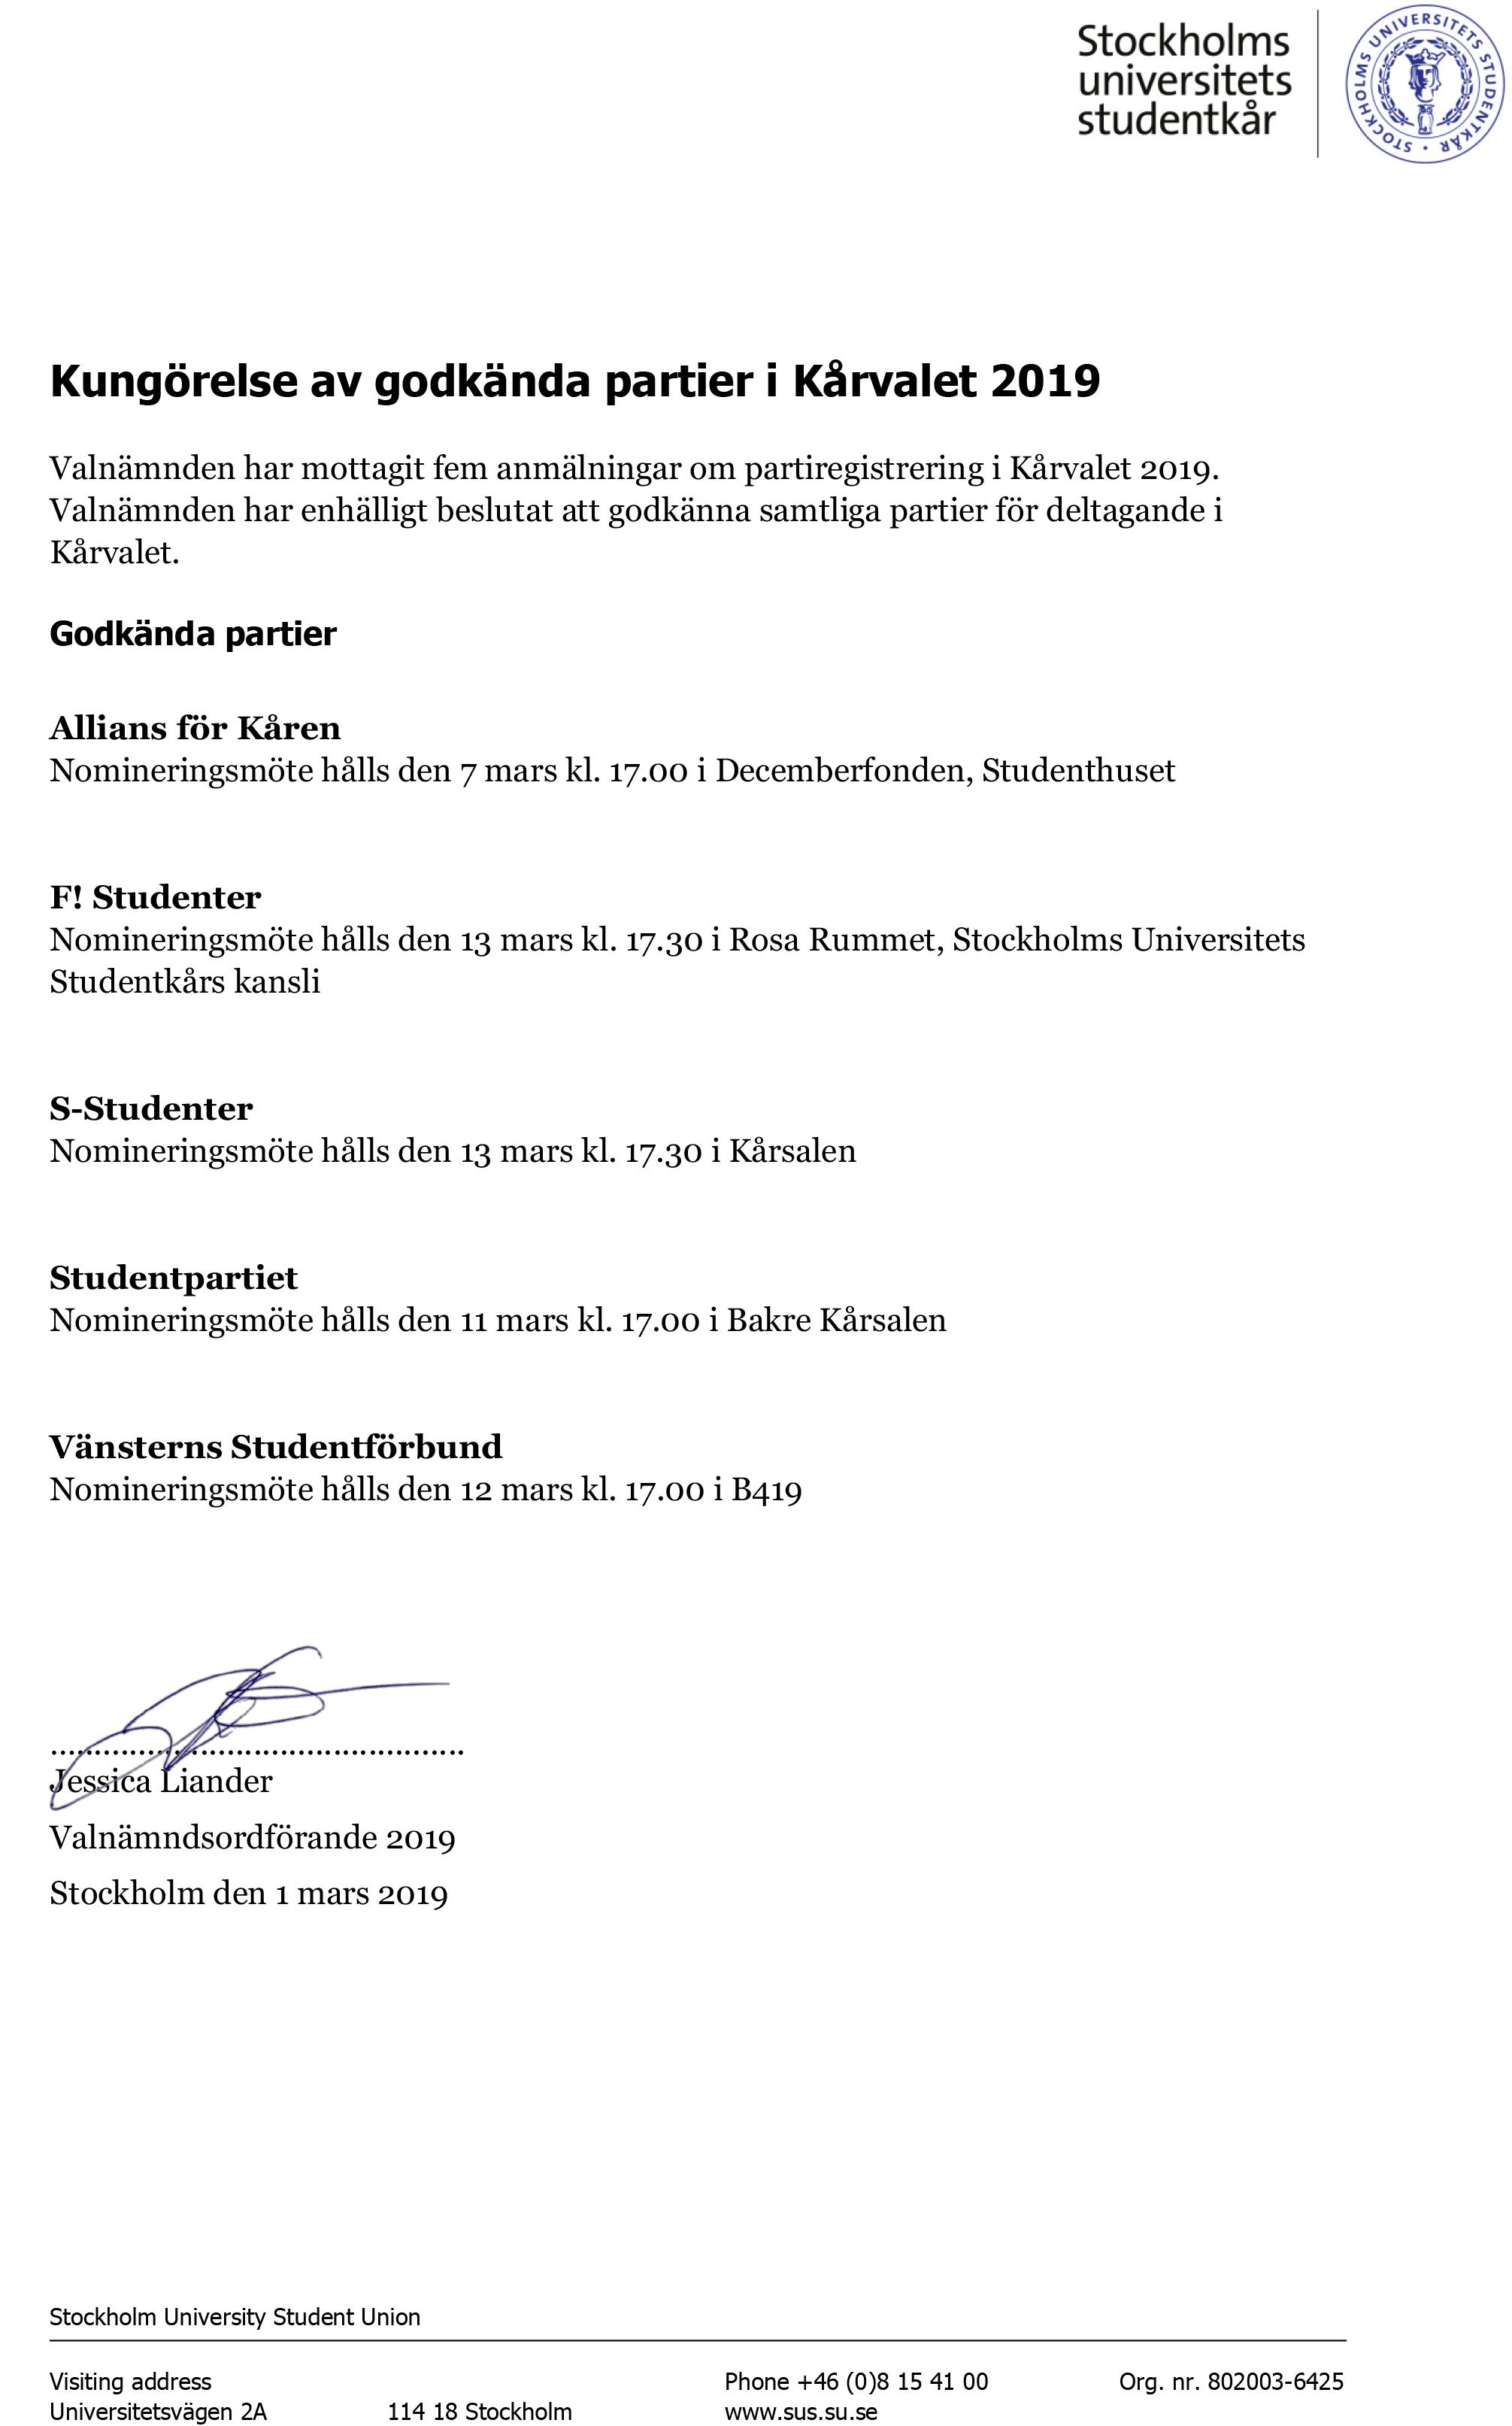 Kungörelse av godkända partier.jpg